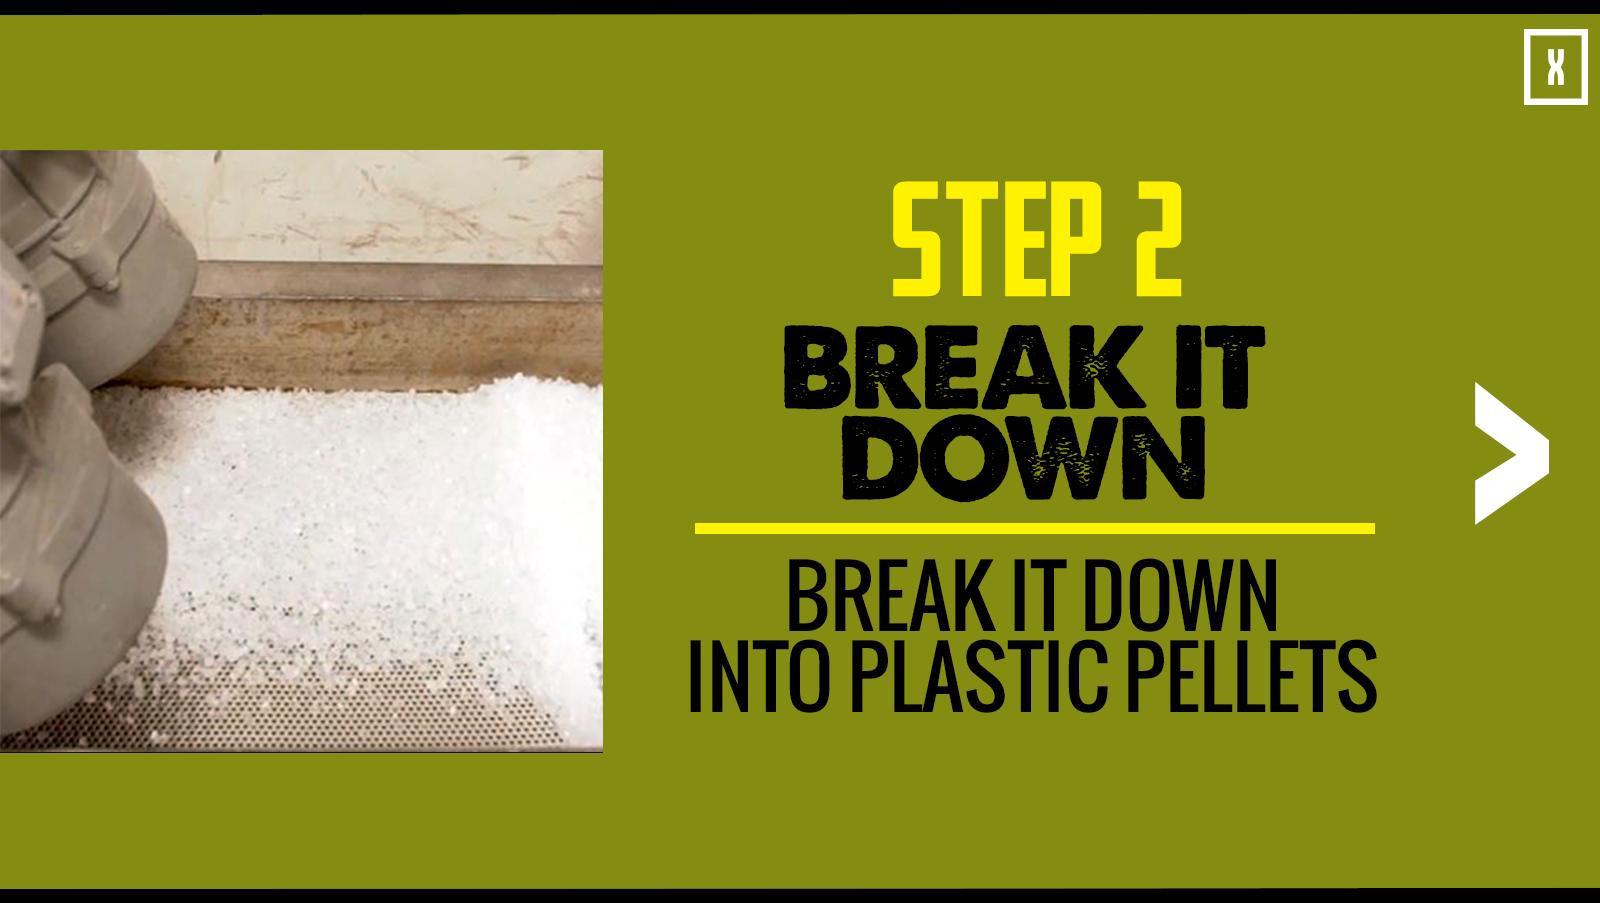 Step 2: Break it down into plastic pellets